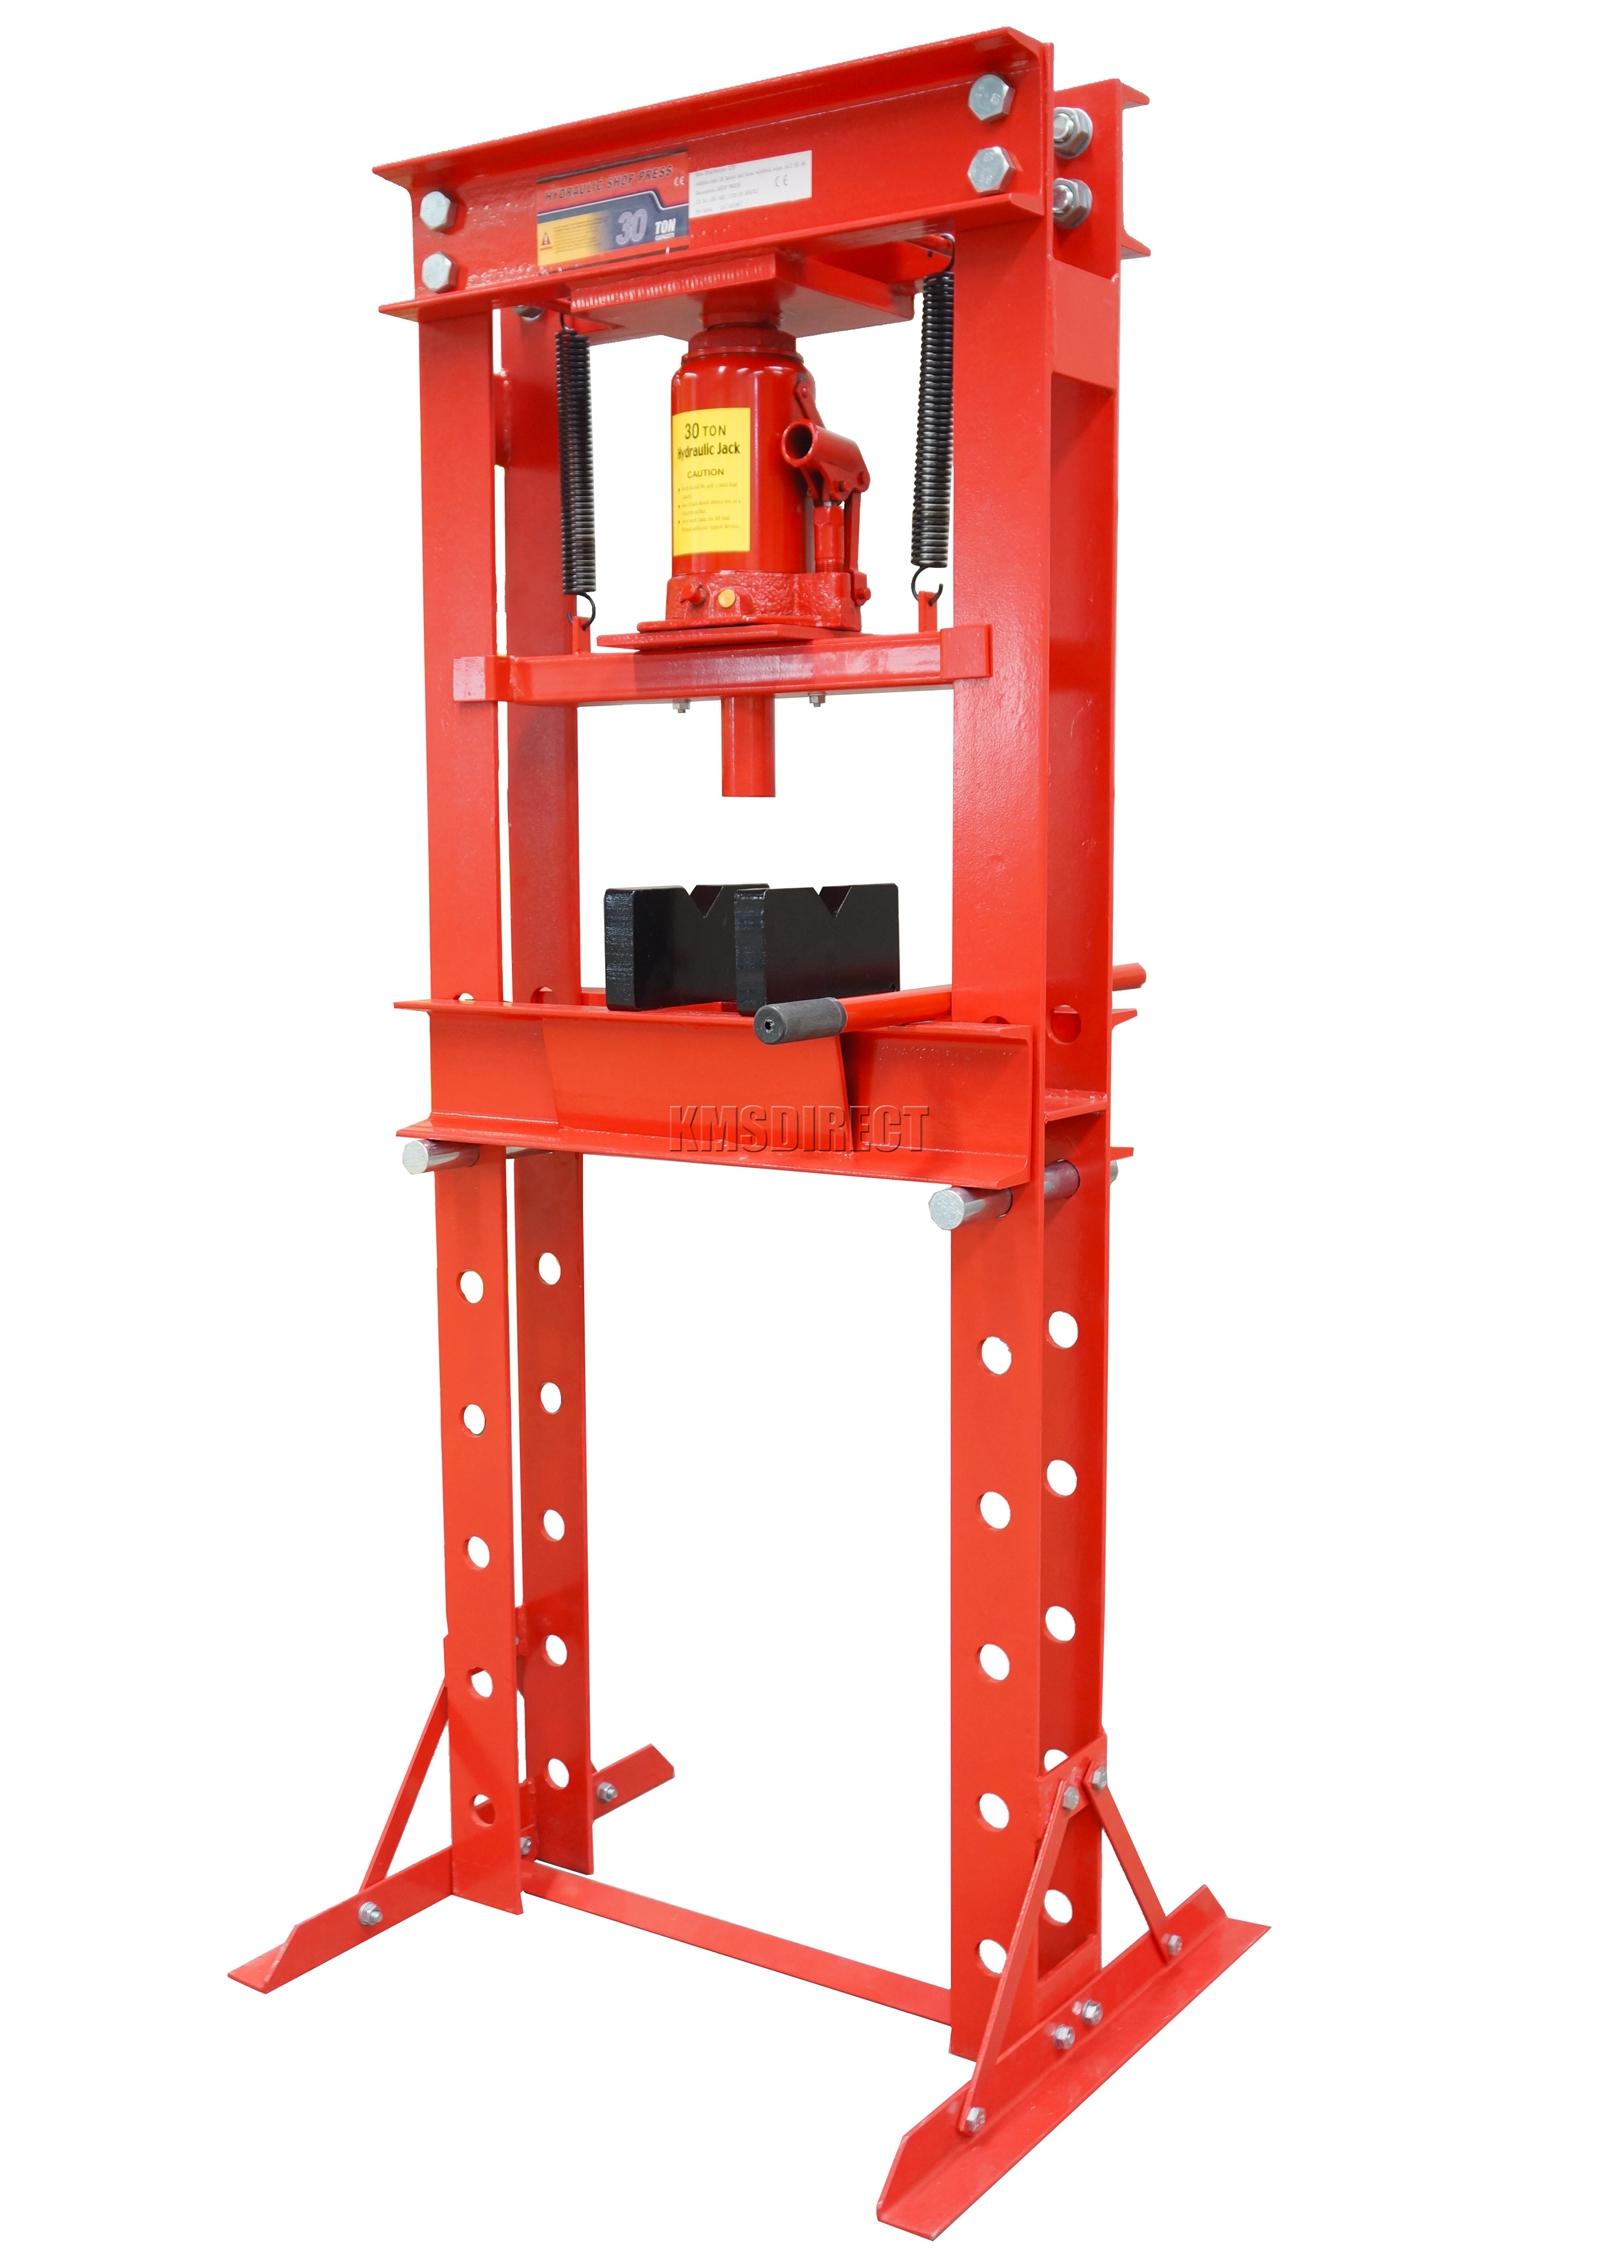 New Hydraulic Press Workshop Hydraulic